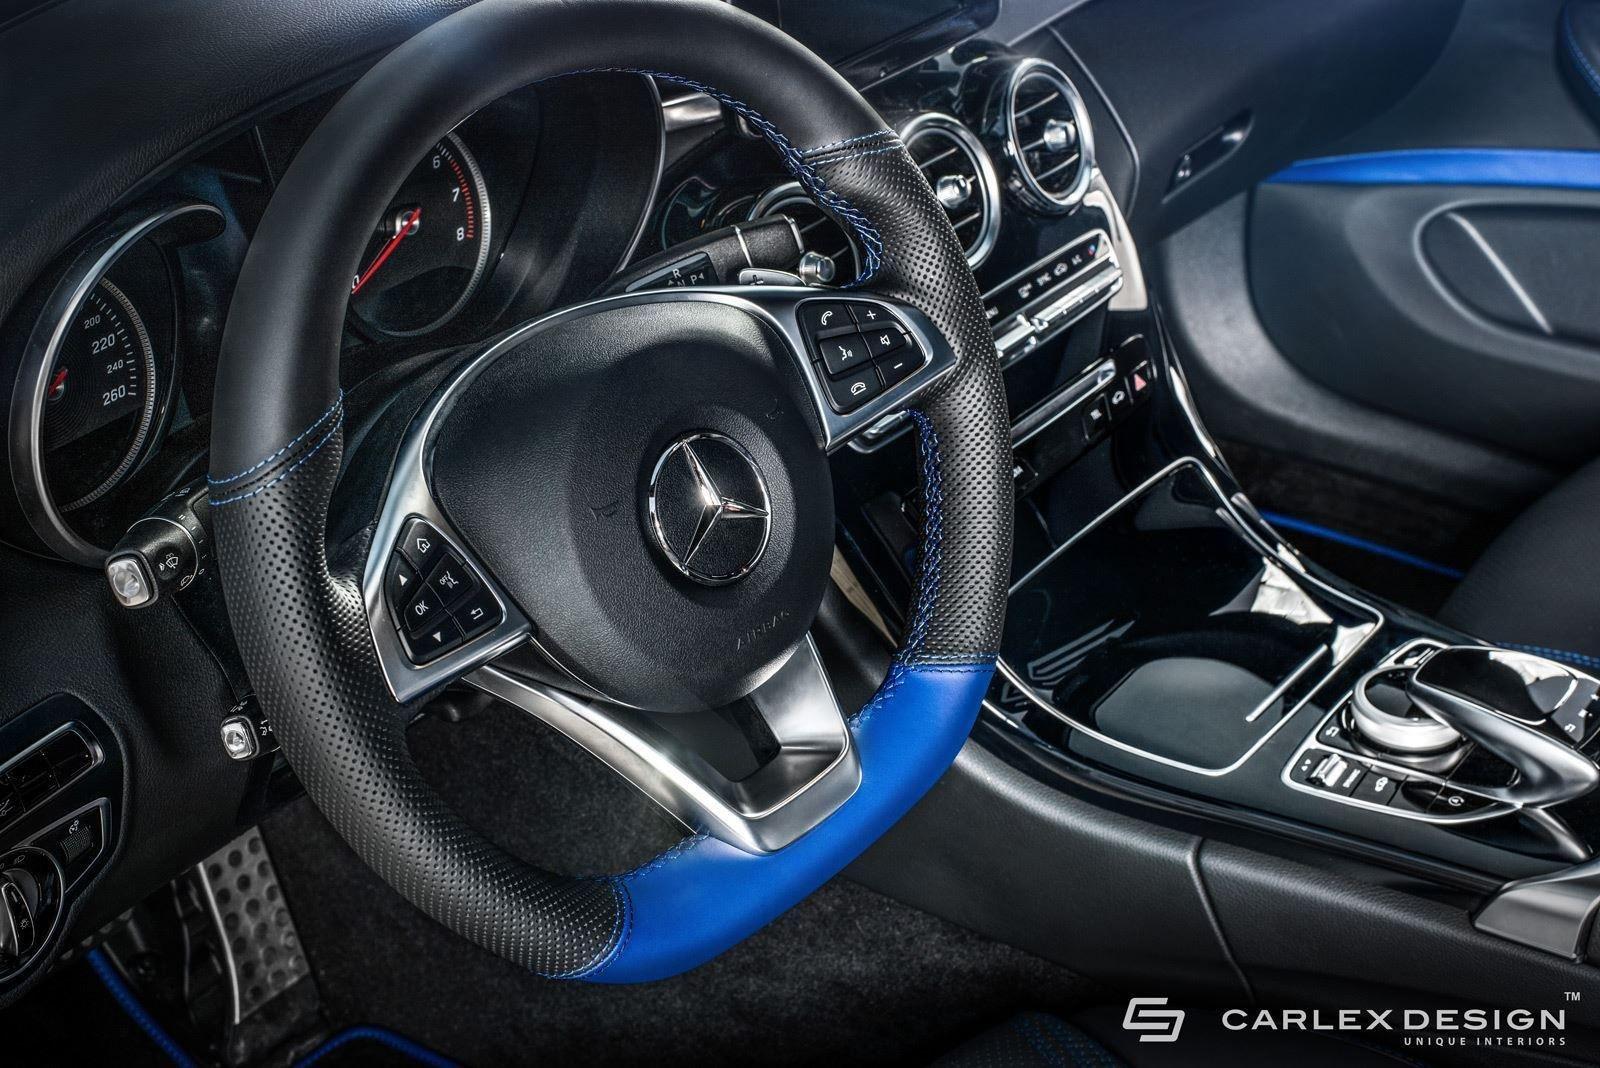 Mercedes C-Class Cabrio By Carlex Design (4)